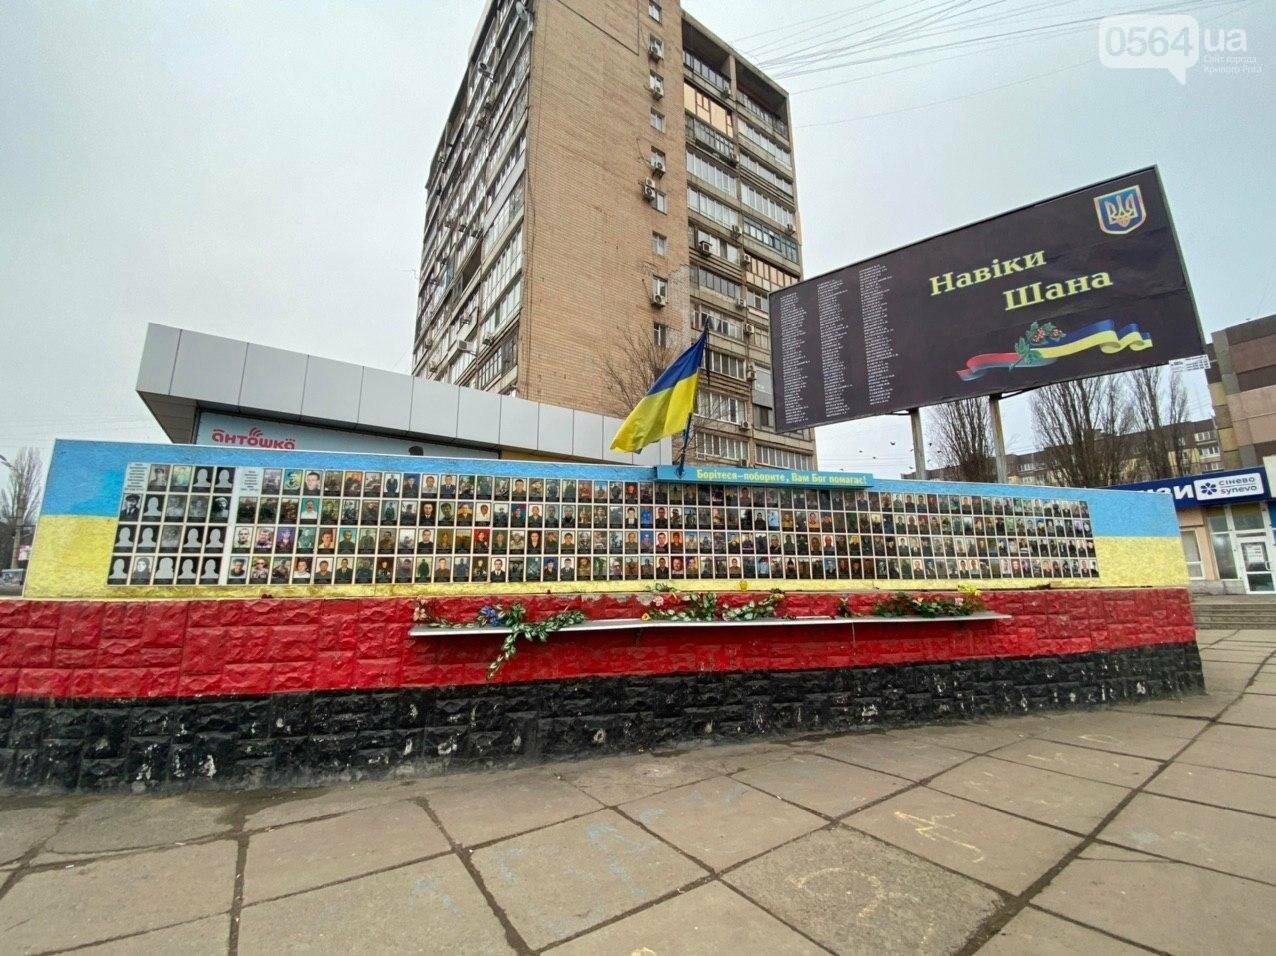 На 95 квартале разместили борд с именами криворожан, погибших в российско-украинской войне, - ФОТО , фото-12